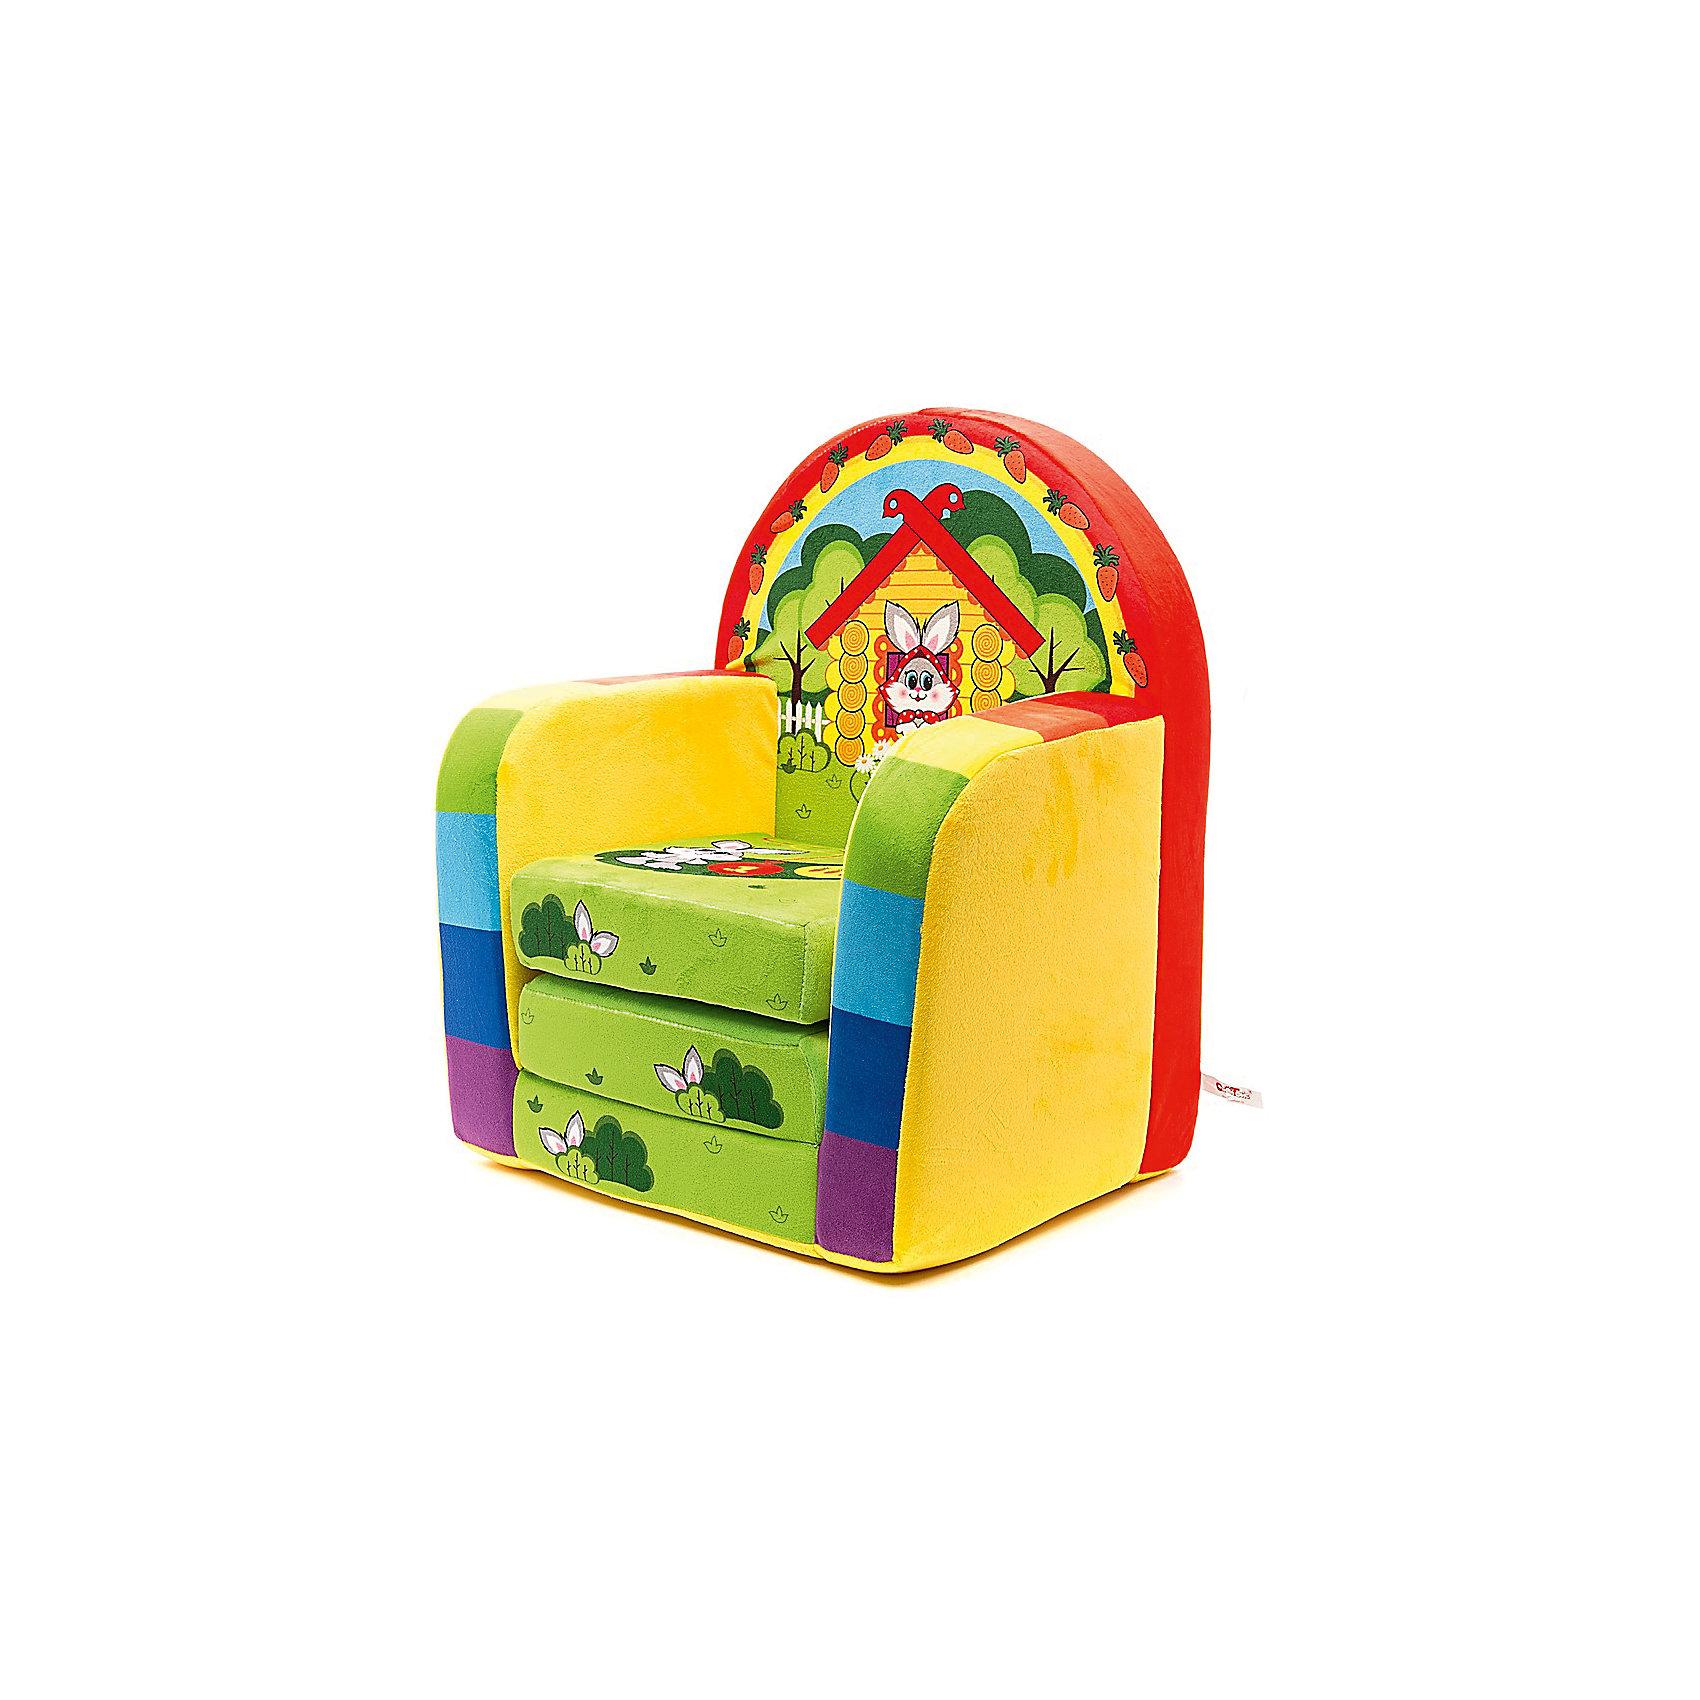 Развивающее кресло ЗайчонокМебель<br>Развивающее кресло Зайчонок для малышей. В таком кресле дети будут чувствовать себя уютно. Кресло выполнено в виде мягкой игрушки и абсолютно безопасно для детей!  Мягкое кресло прекрасно украсит как интерьер детской комнаты так и детского садика и поможет разнообразить игры с малышом: кубик в комплекте.<br><br>Дополнительная информация:<br><br>- материал:  обивка - искусственный мех, наполнитель - поролон.<br>- размеры (в/ш/д): 55/38/36 см.<br>- цвет: зеленый<br> <br>Развивающее кресло Зайчонок можно купить в нашем интернет-магазине<br><br>Ширина мм: 530<br>Глубина мм: 360<br>Высота мм: 420<br>Вес г: 1140<br>Возраст от месяцев: 24<br>Возраст до месяцев: 60<br>Пол: Унисекс<br>Возраст: Детский<br>SKU: 3440328